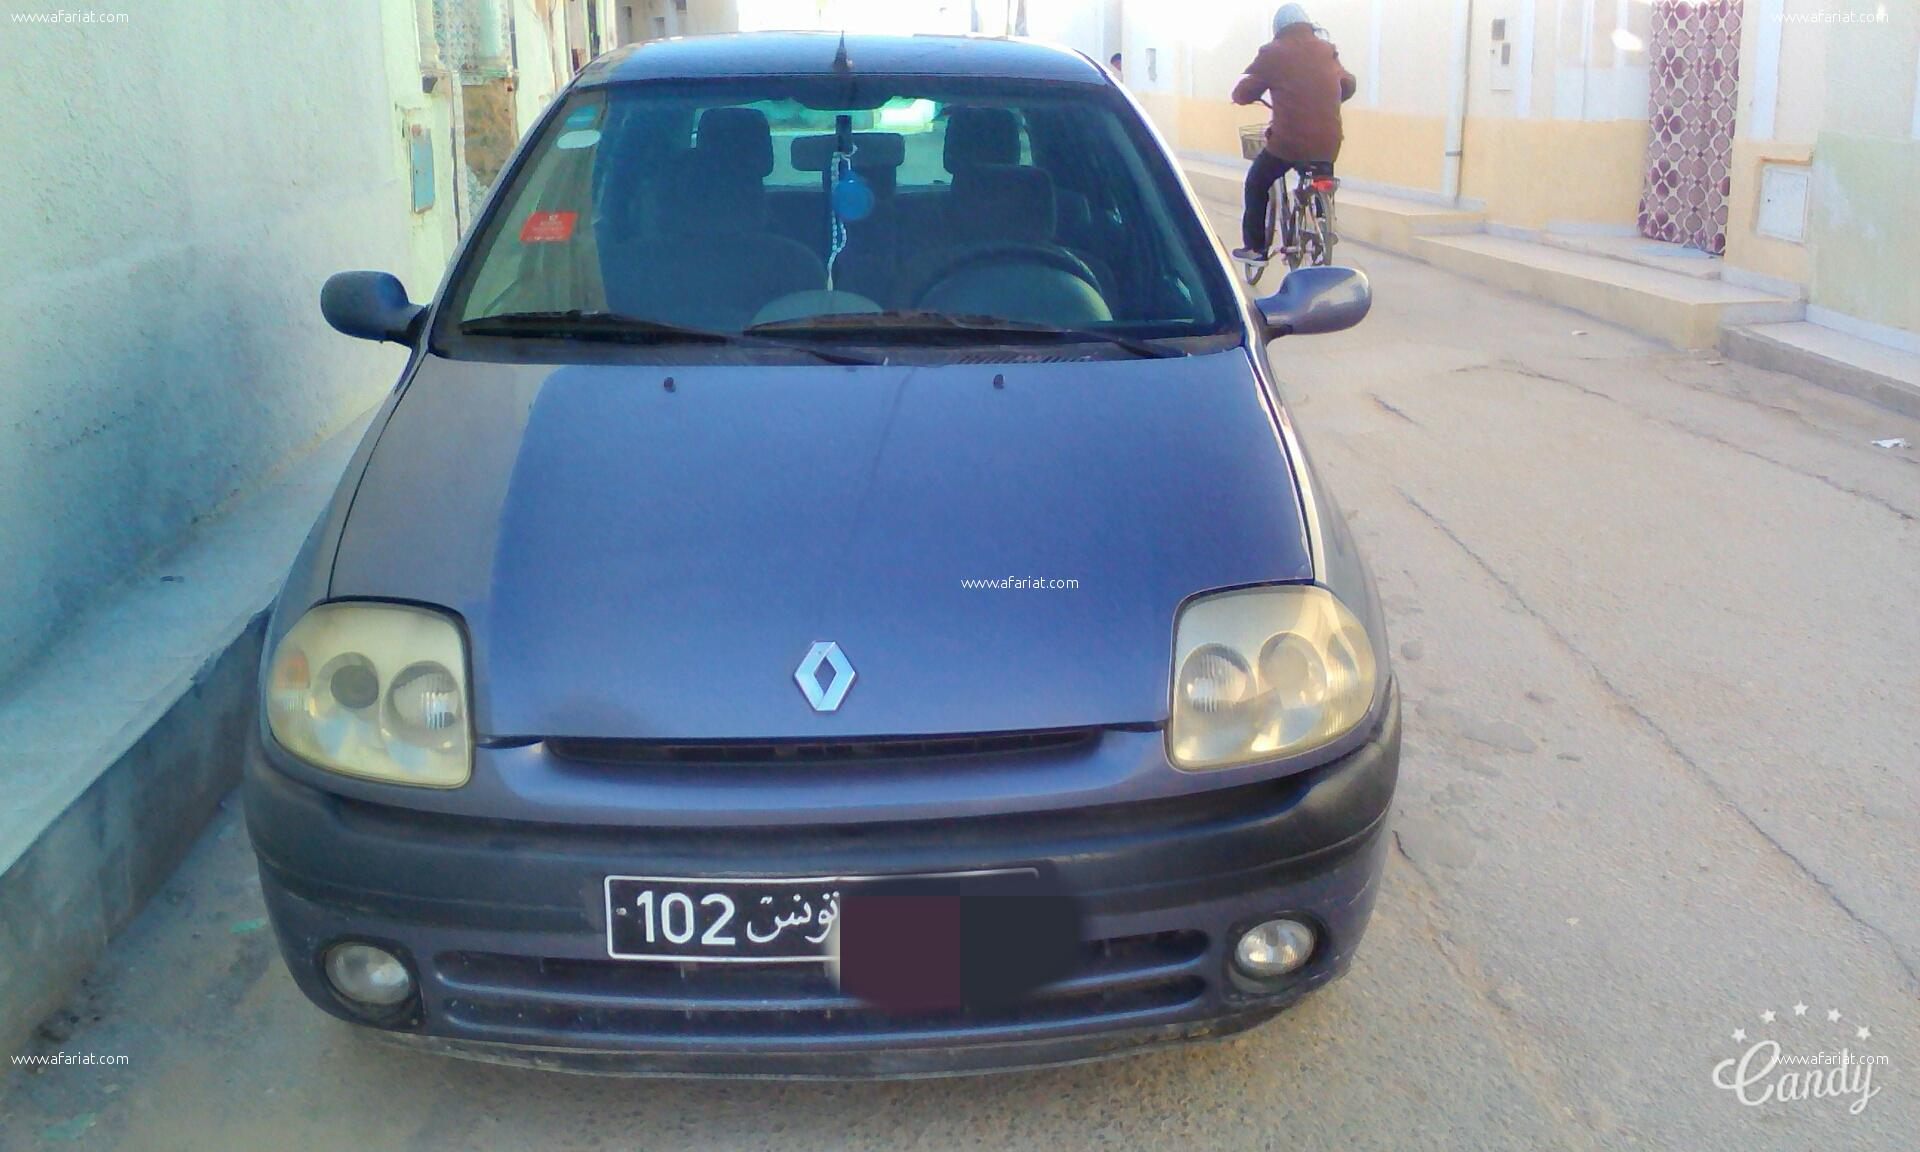 Clio bonne eta